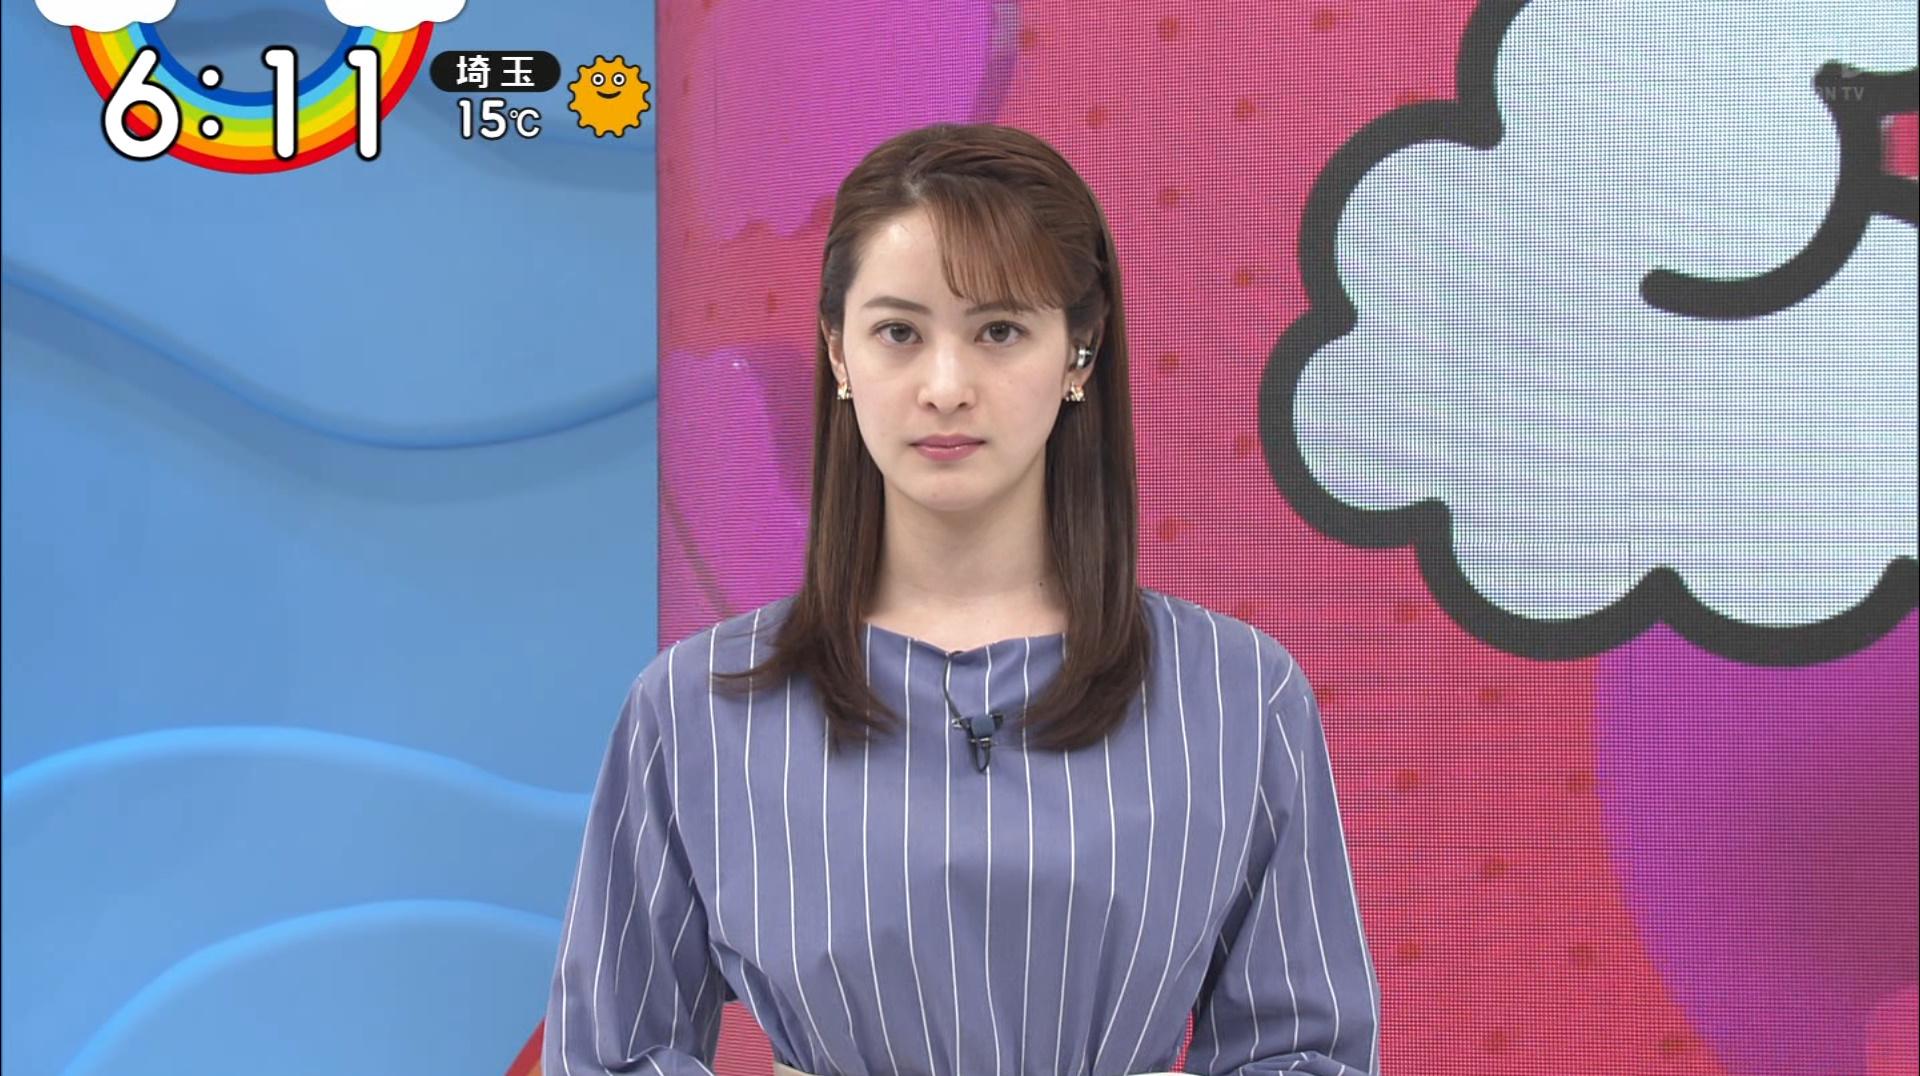 2019年4月17日・ZIP!テレビキャプチャー画像-003